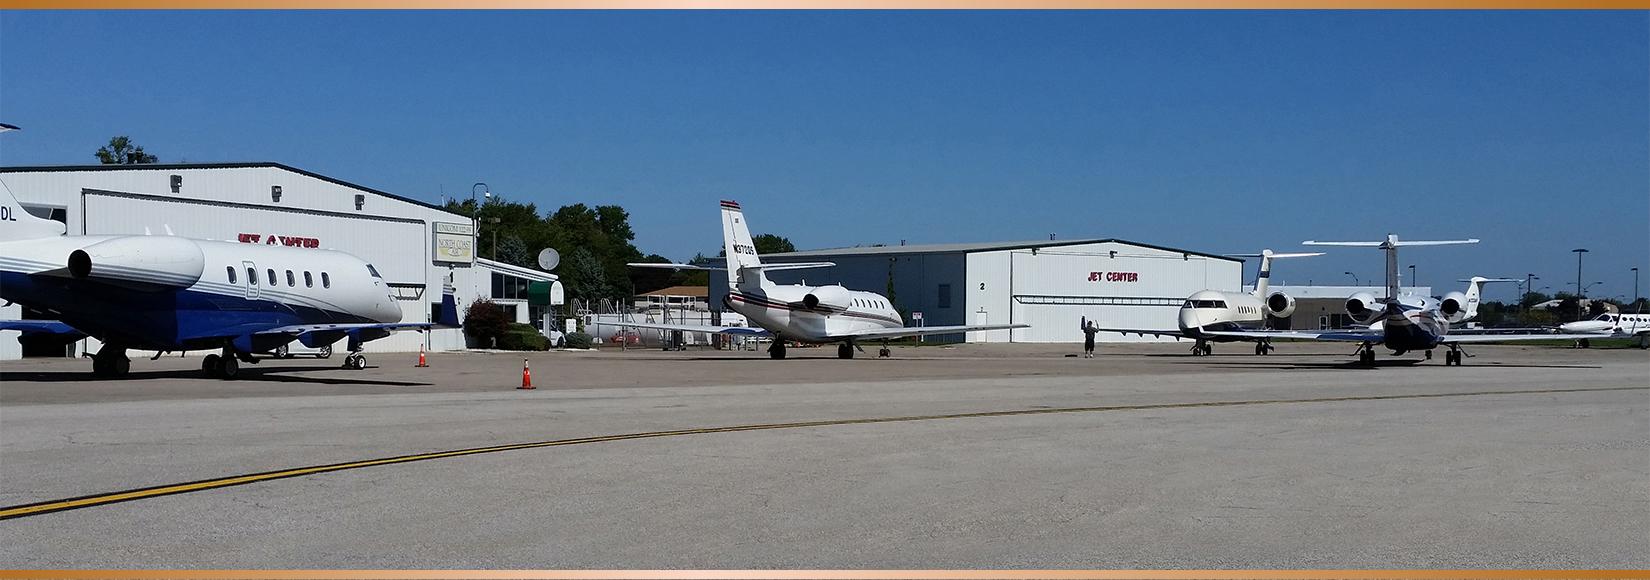 car rental erie pa airport  North Coast Air FBO Erie PA